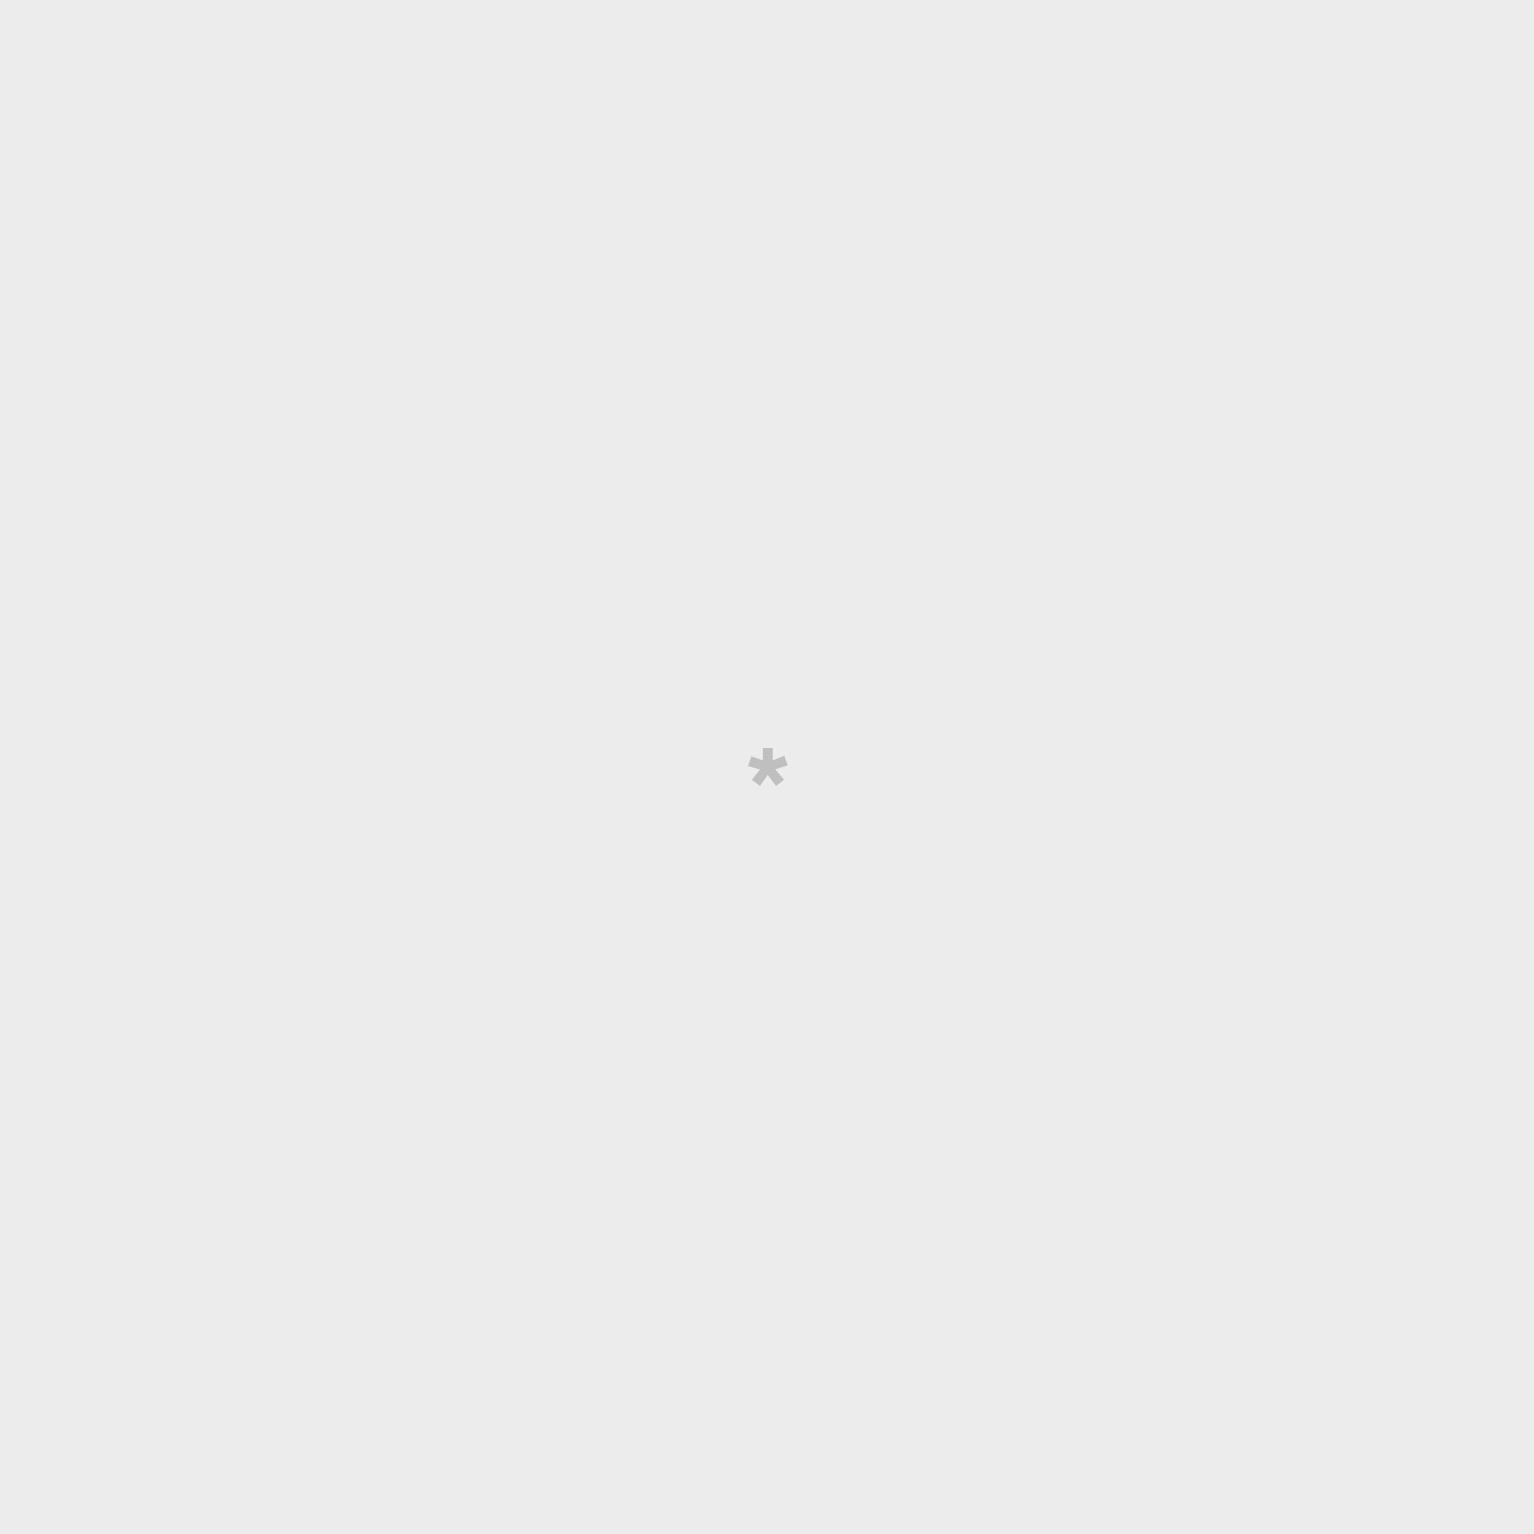 Sack bag - Make plans happen